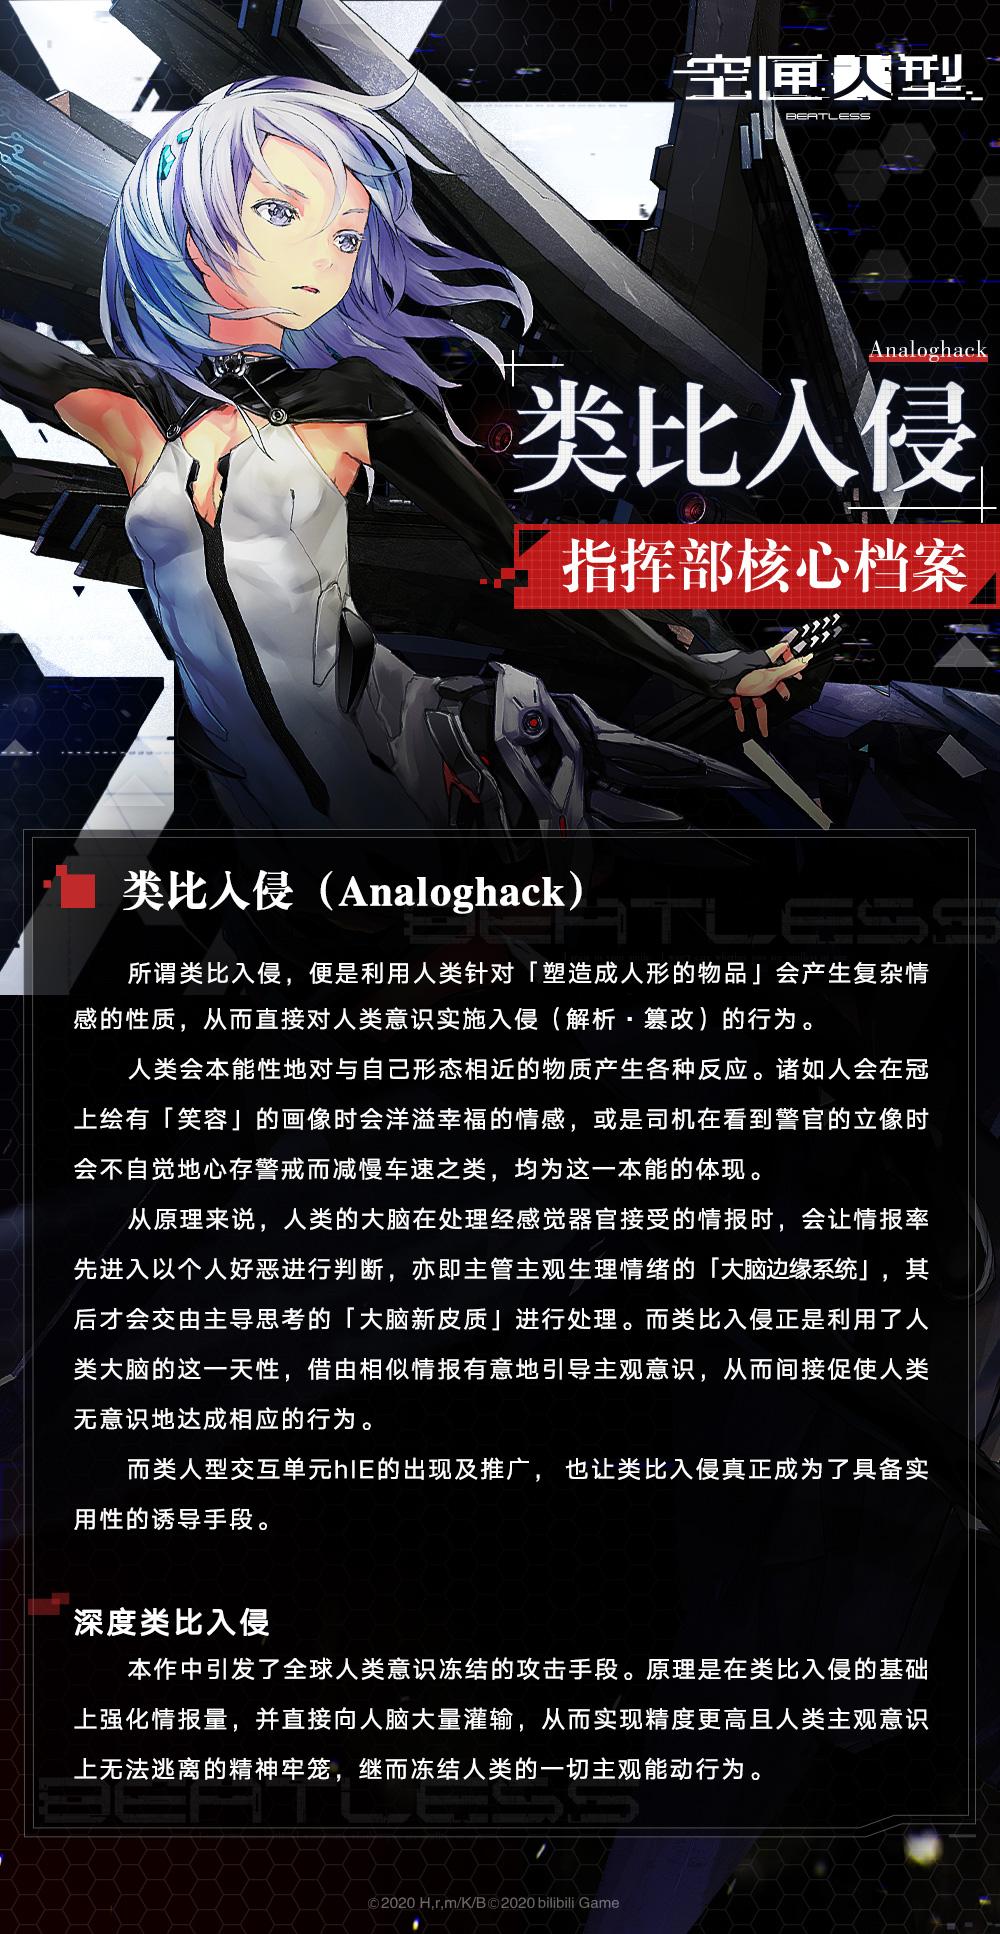 《空匣人型》设定玩法2-类比入侵